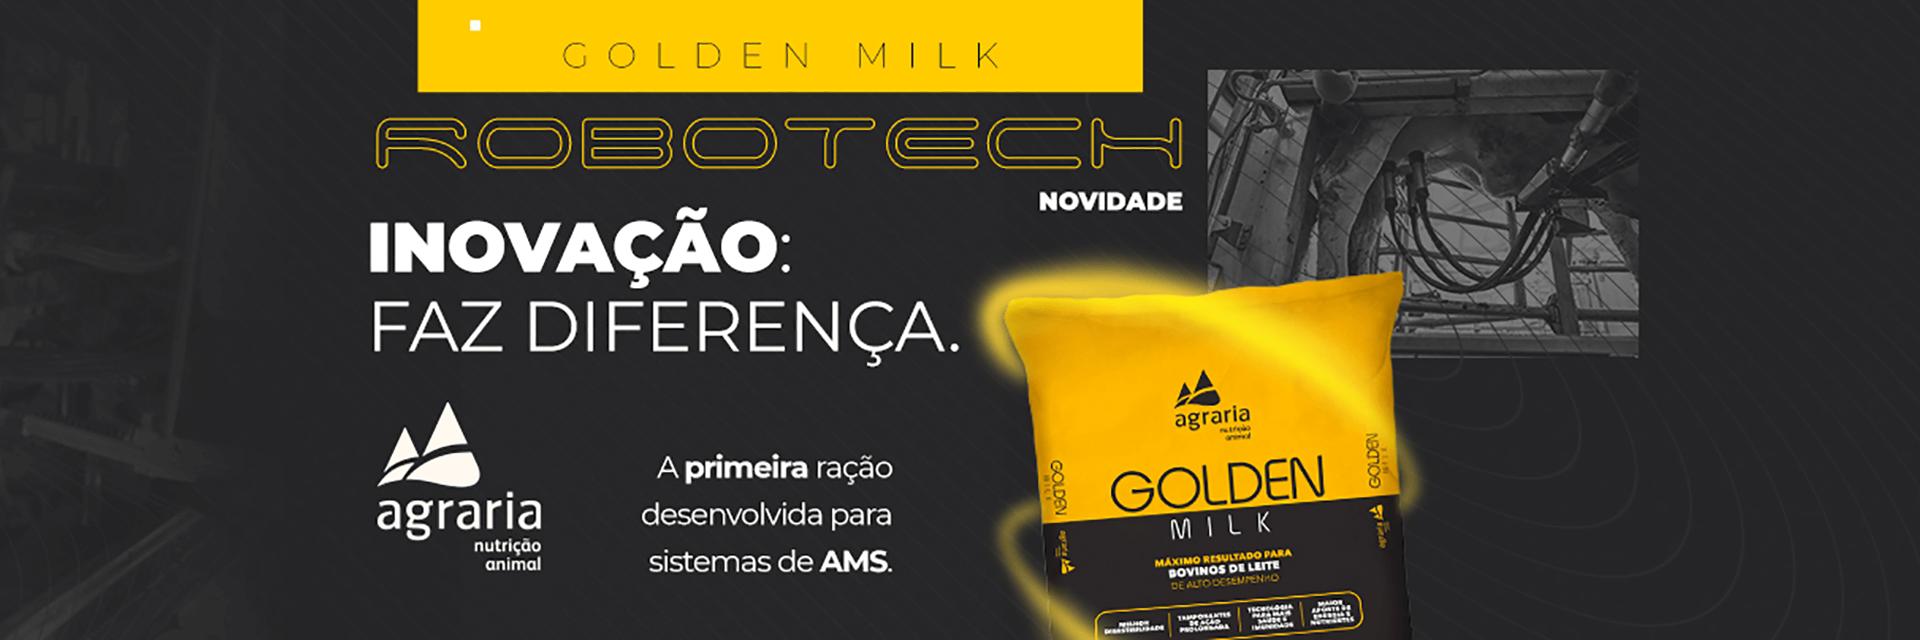 Golden Milk - Robotech